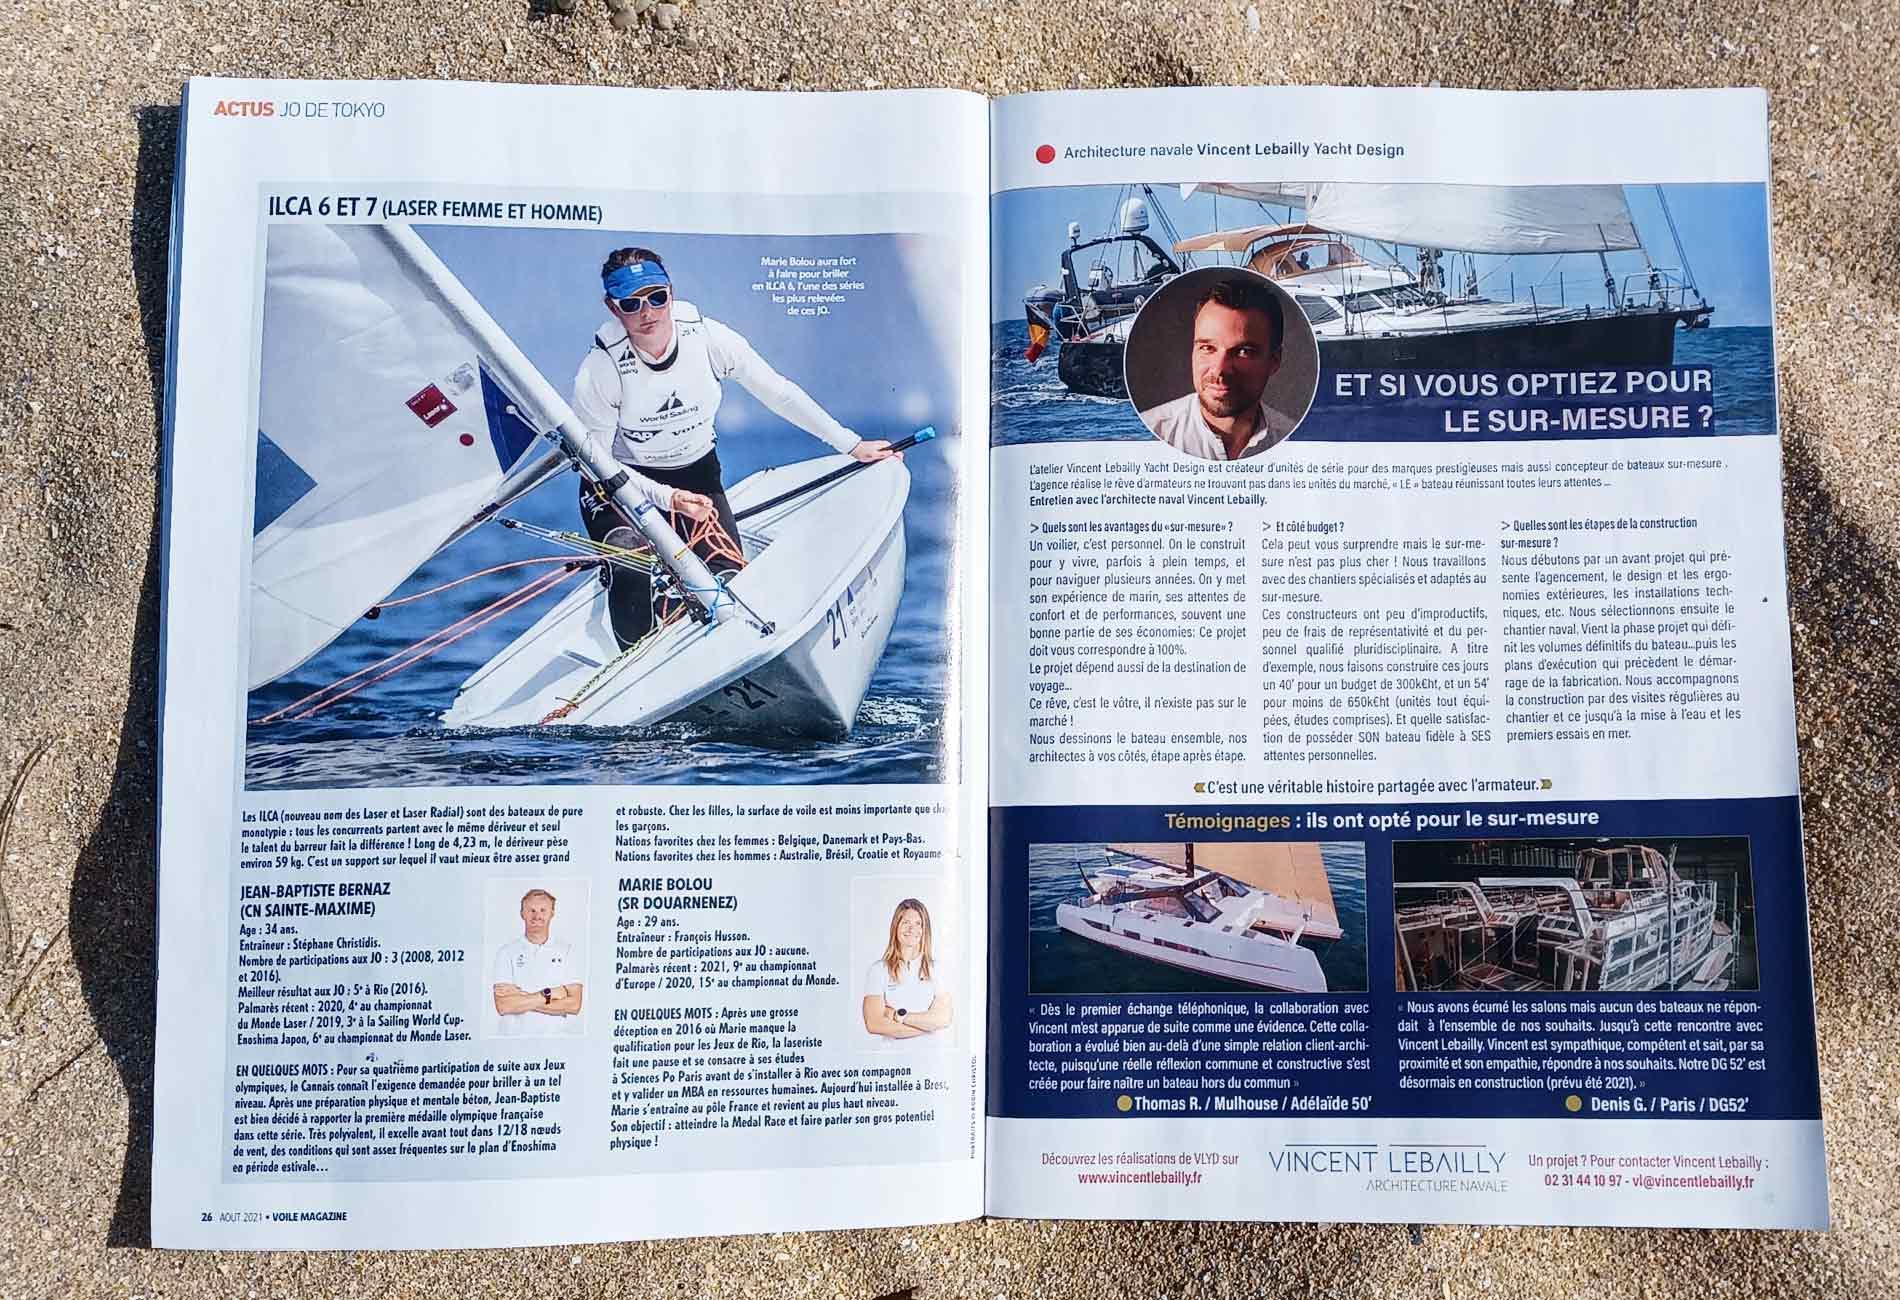 Publireportage-Presse-nautique-Vincent-Lebailly-bateau-sur-mesure-voile-magazine